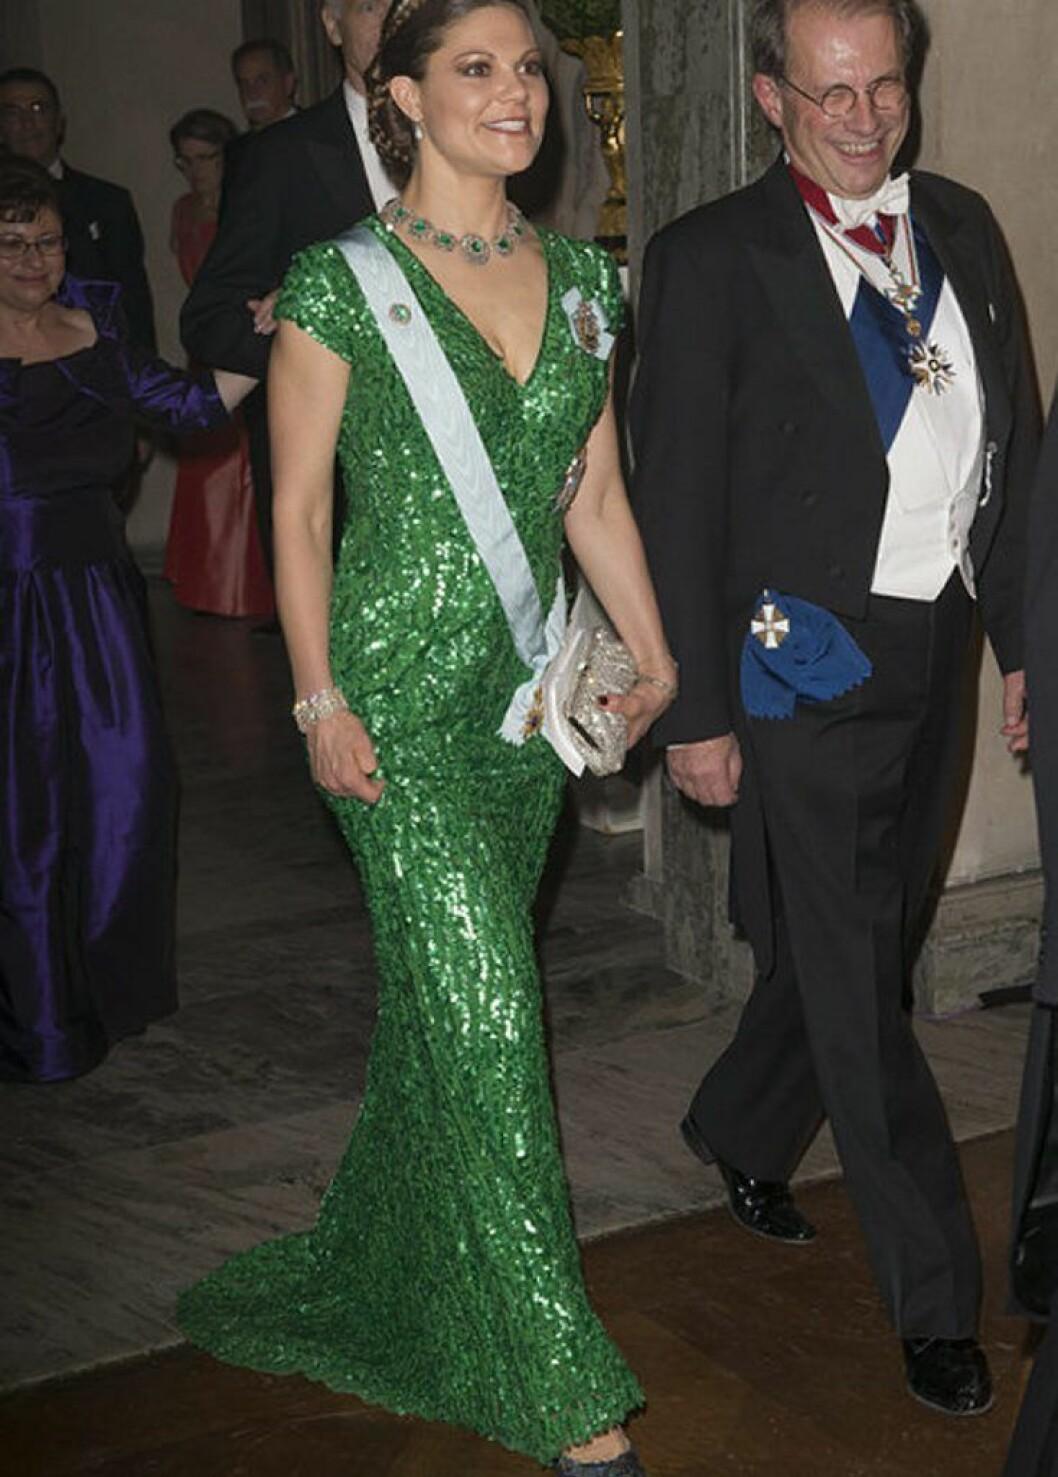 Kronprinsessan Victoria i en grön klänning av Elie Saab.